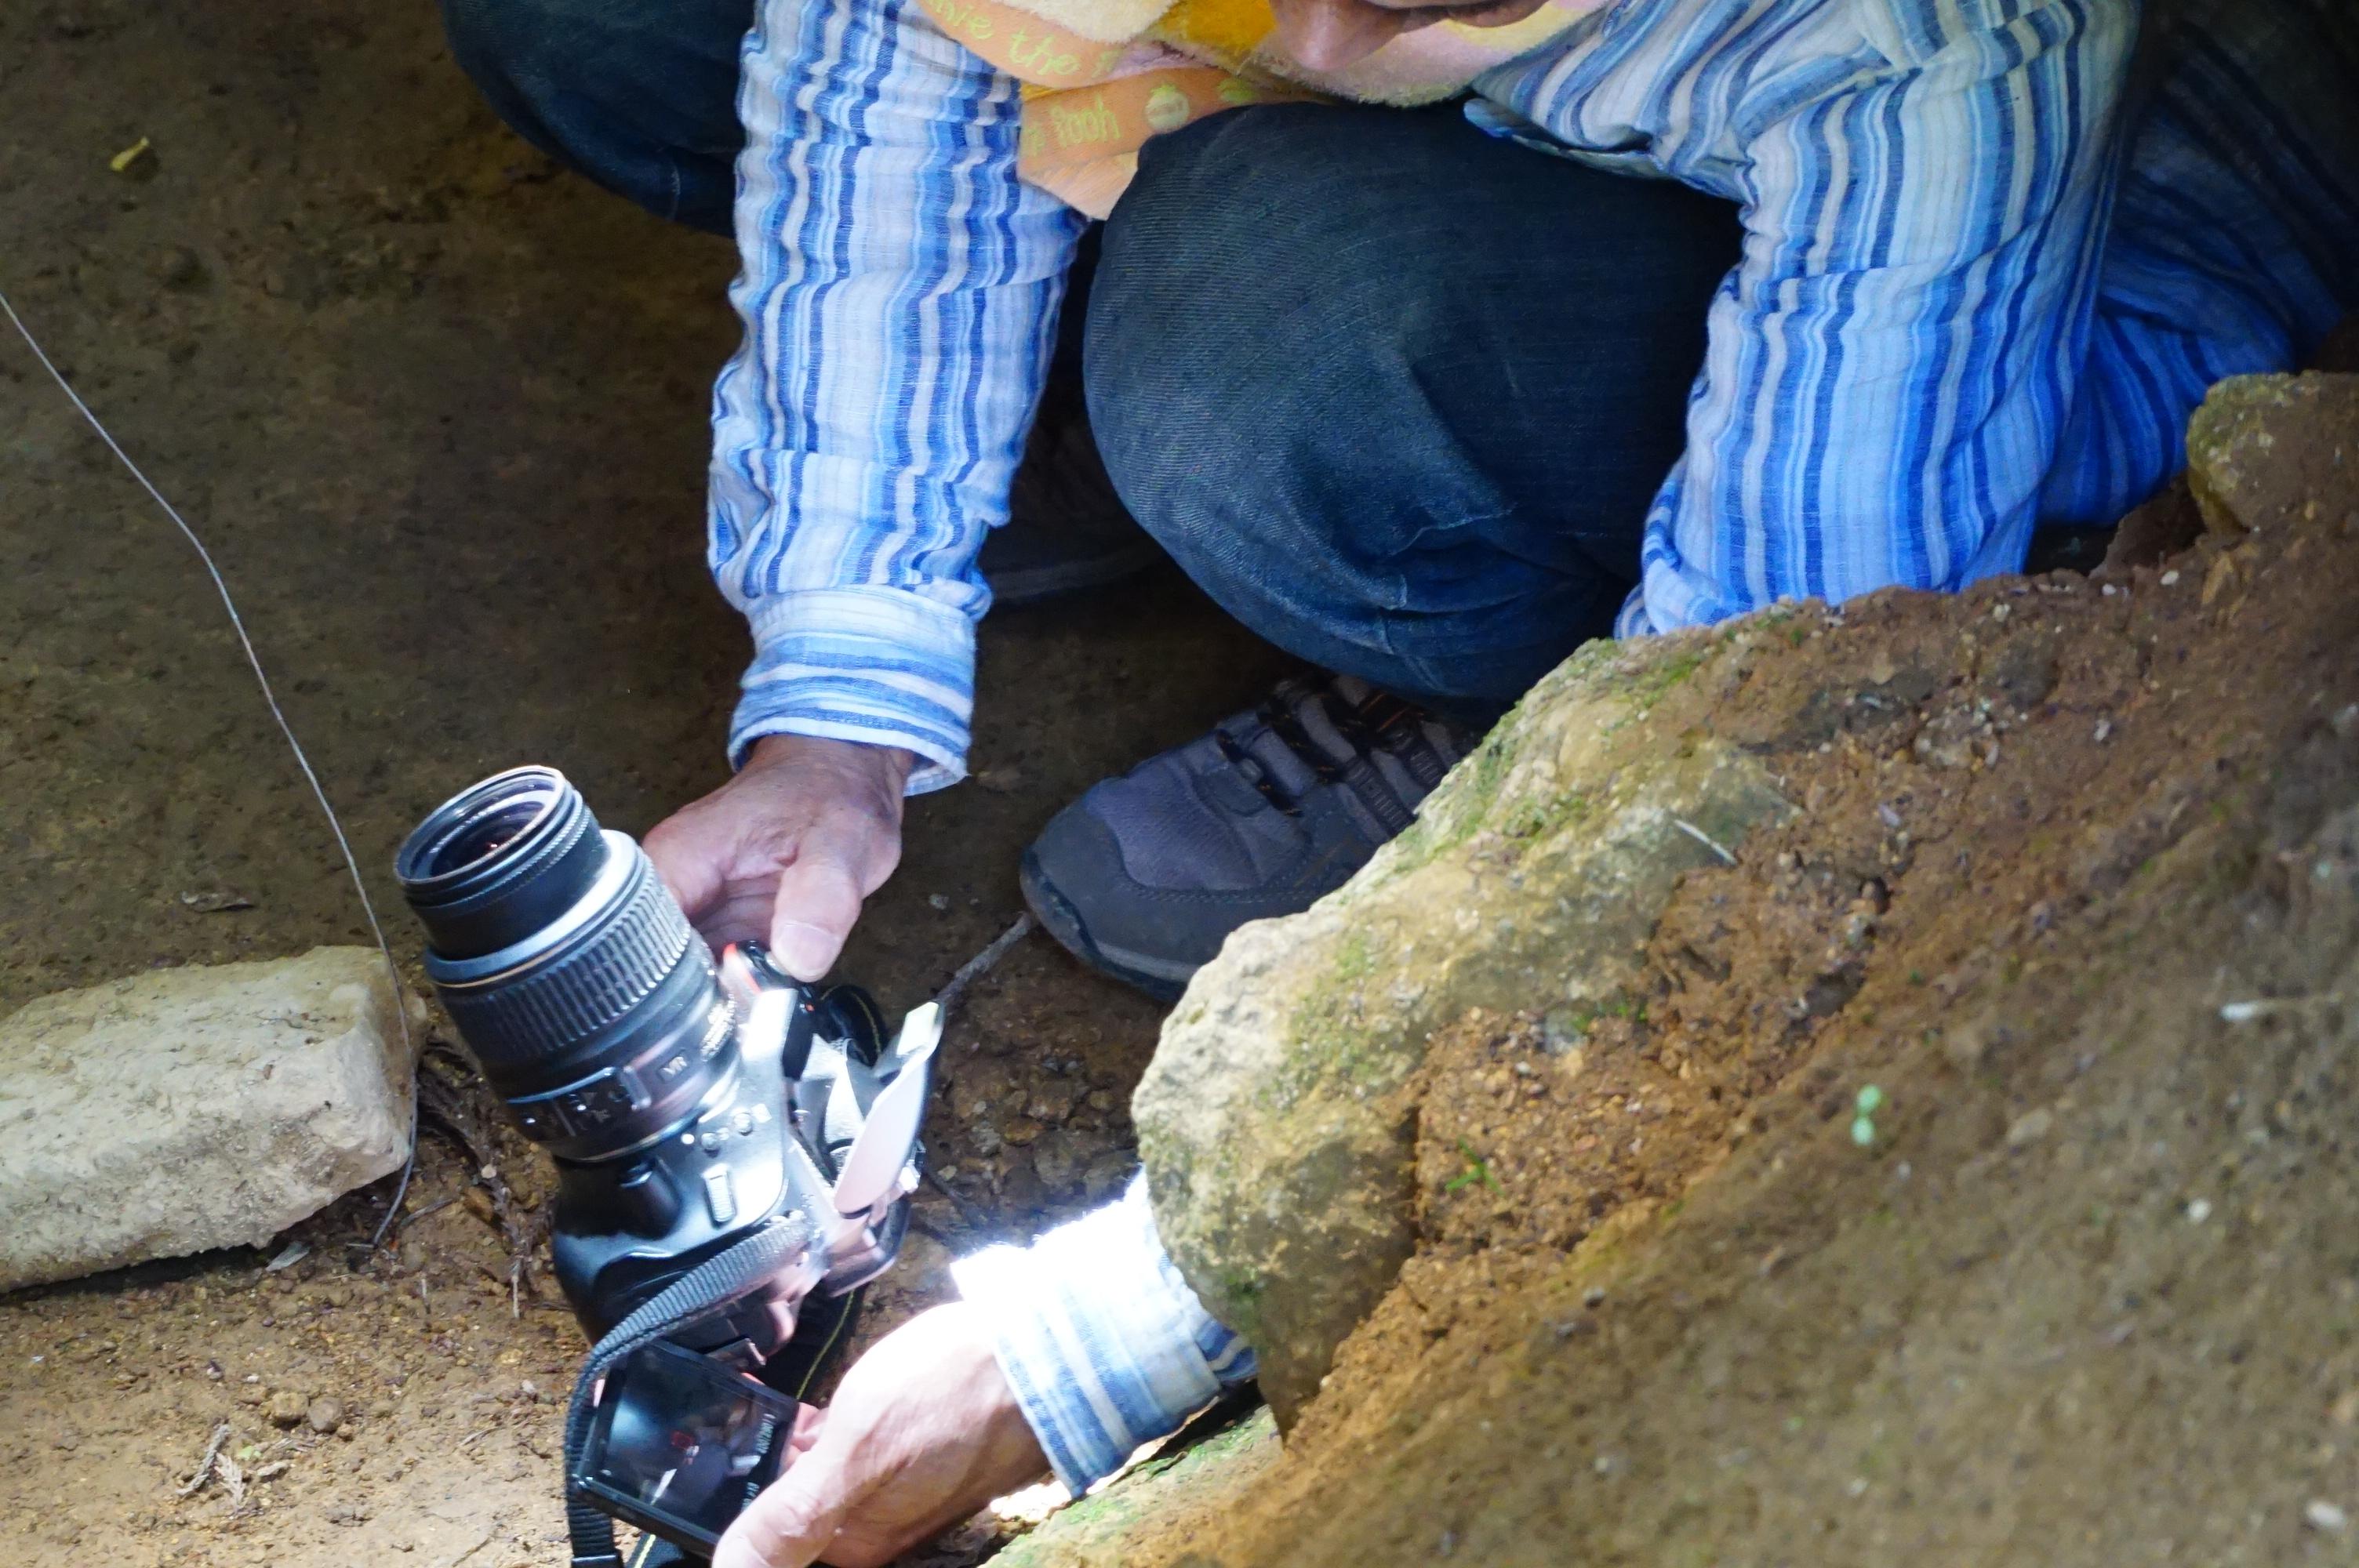 DSC06536 KS camera